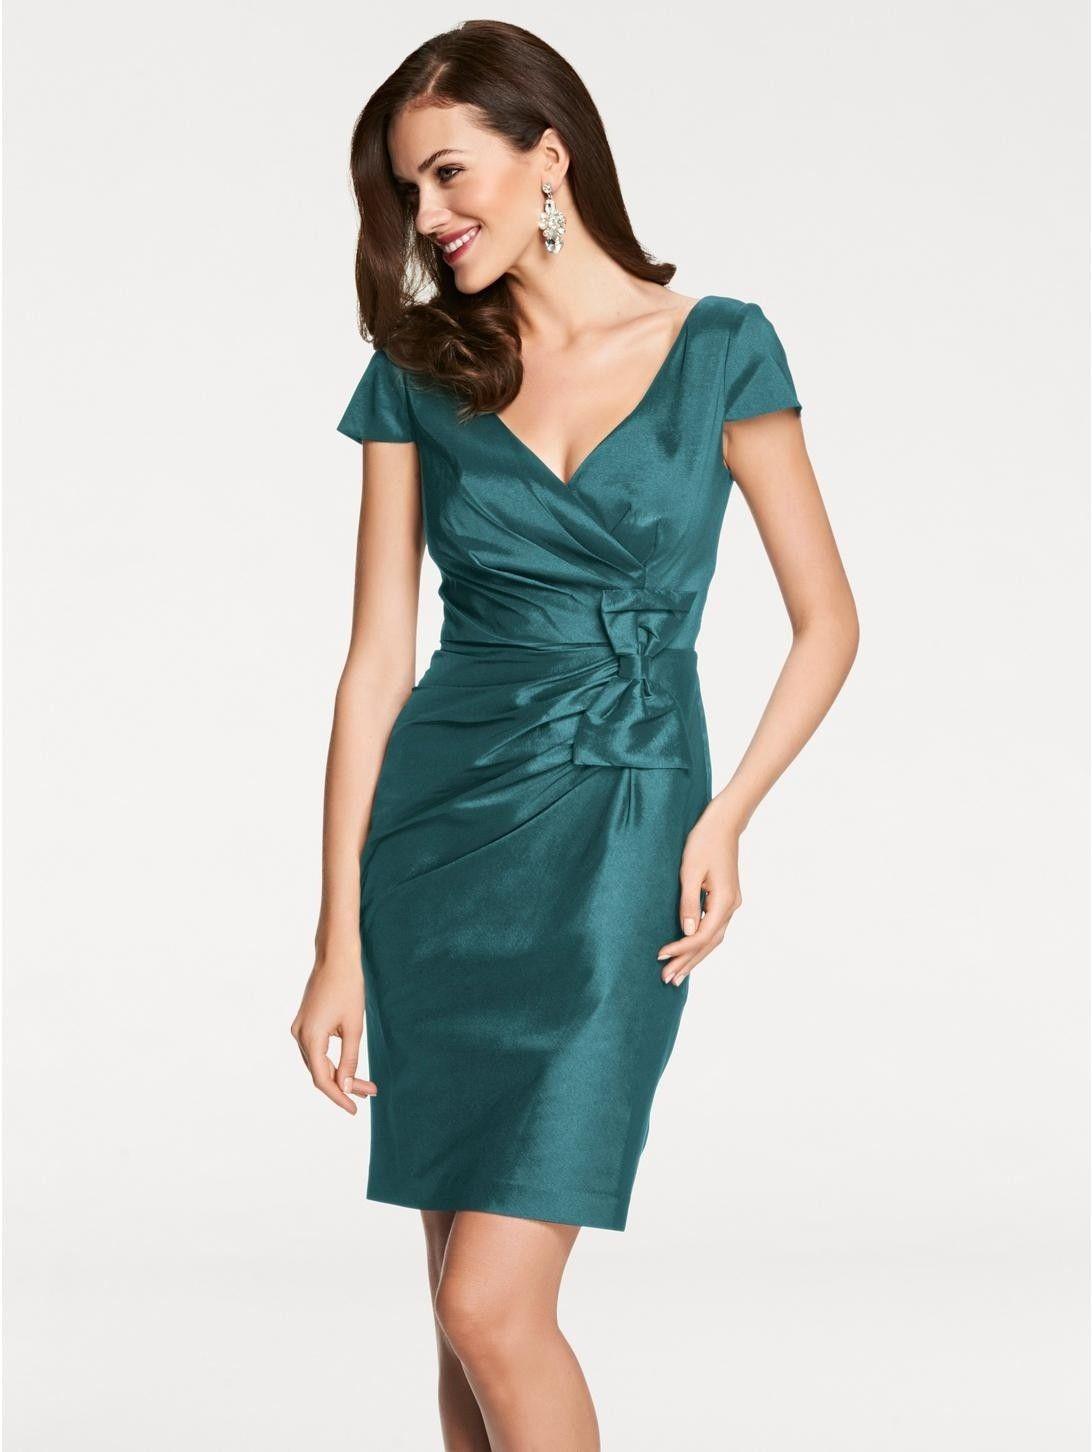 Pin von Tiarella auf Kleidung | Cocktailkleid, Kleider ...